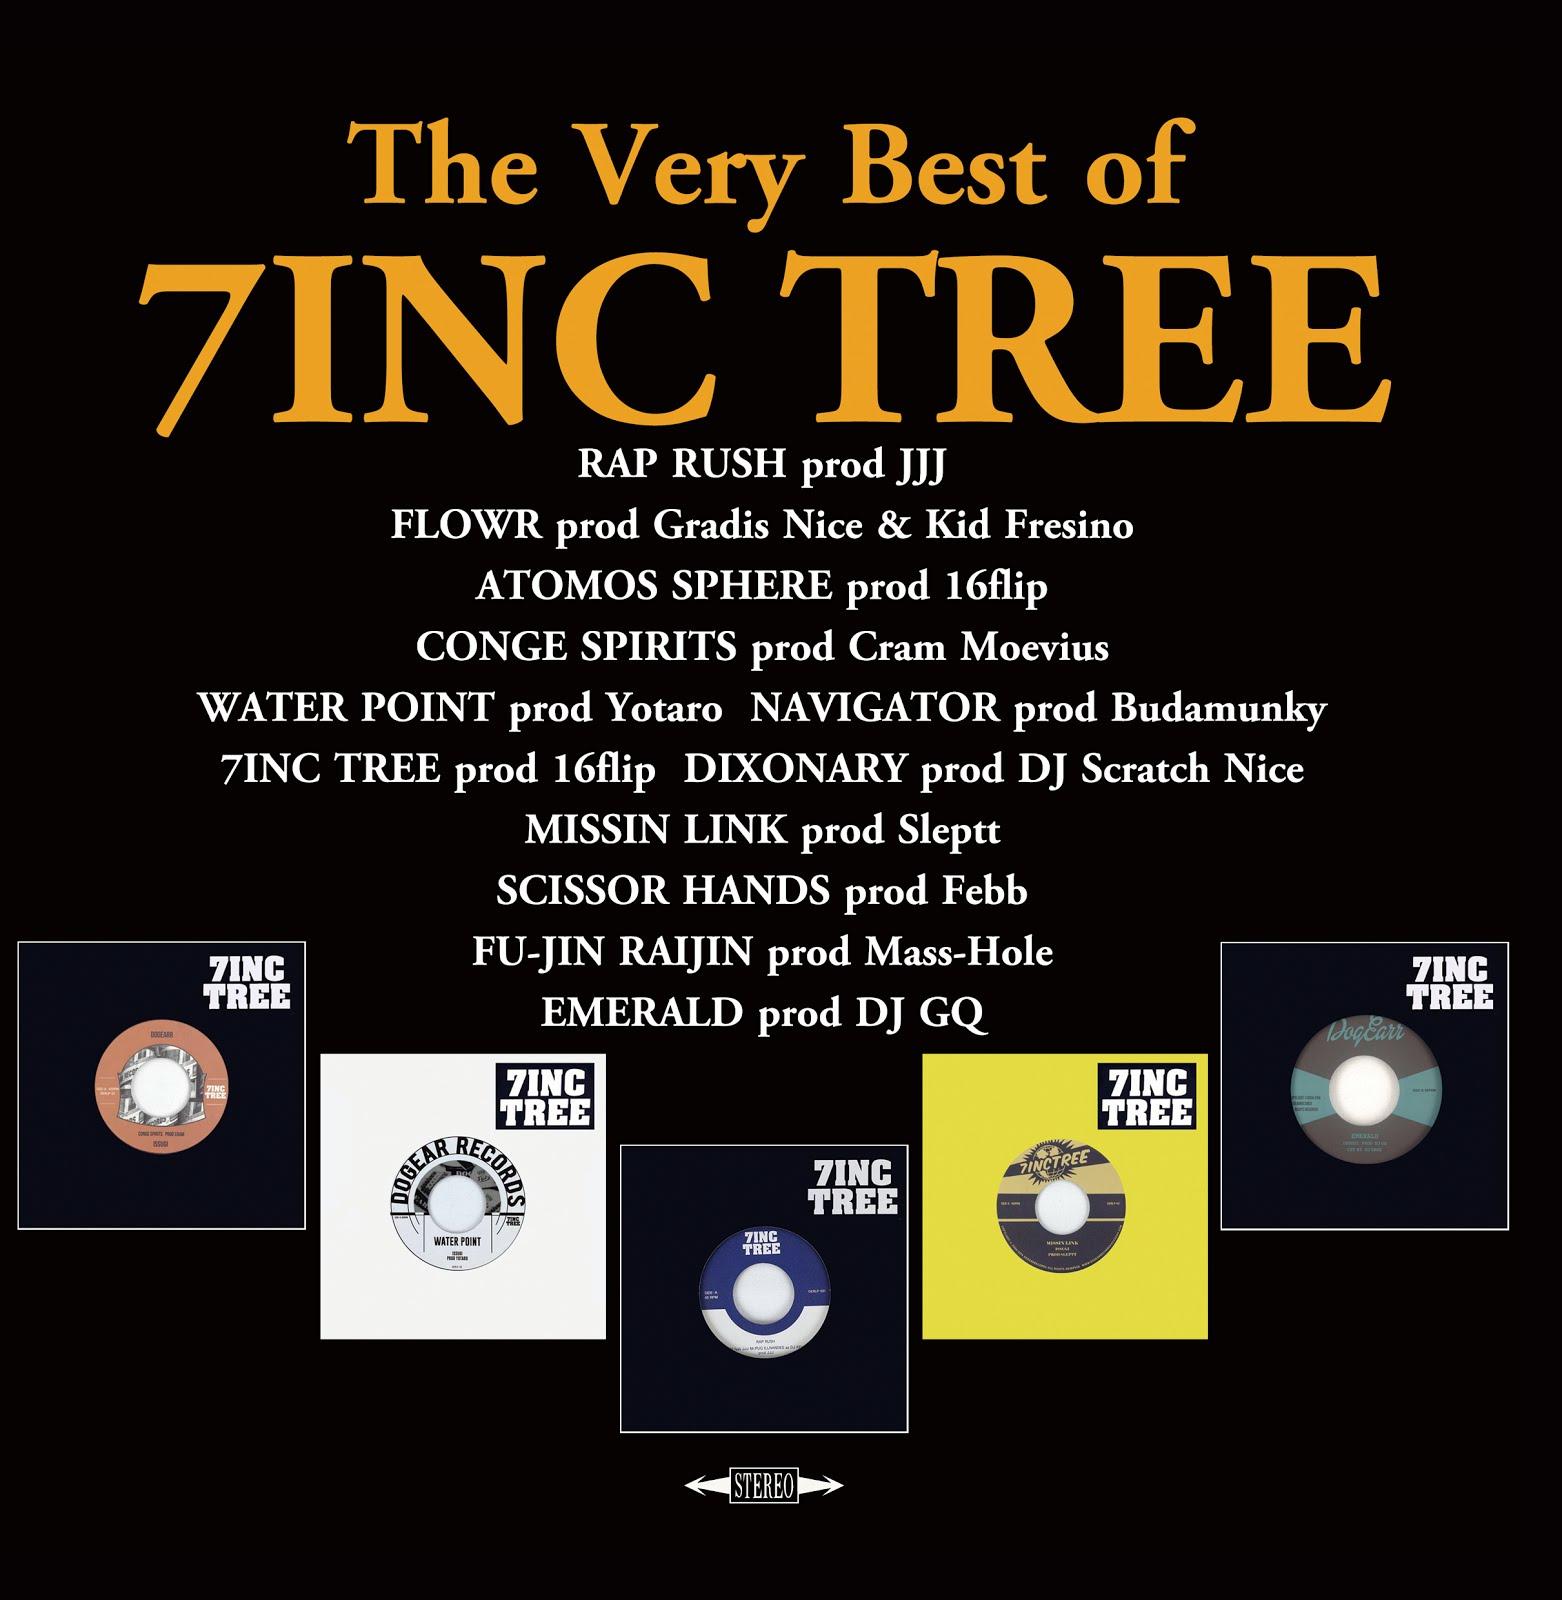 7INC TREE V.A